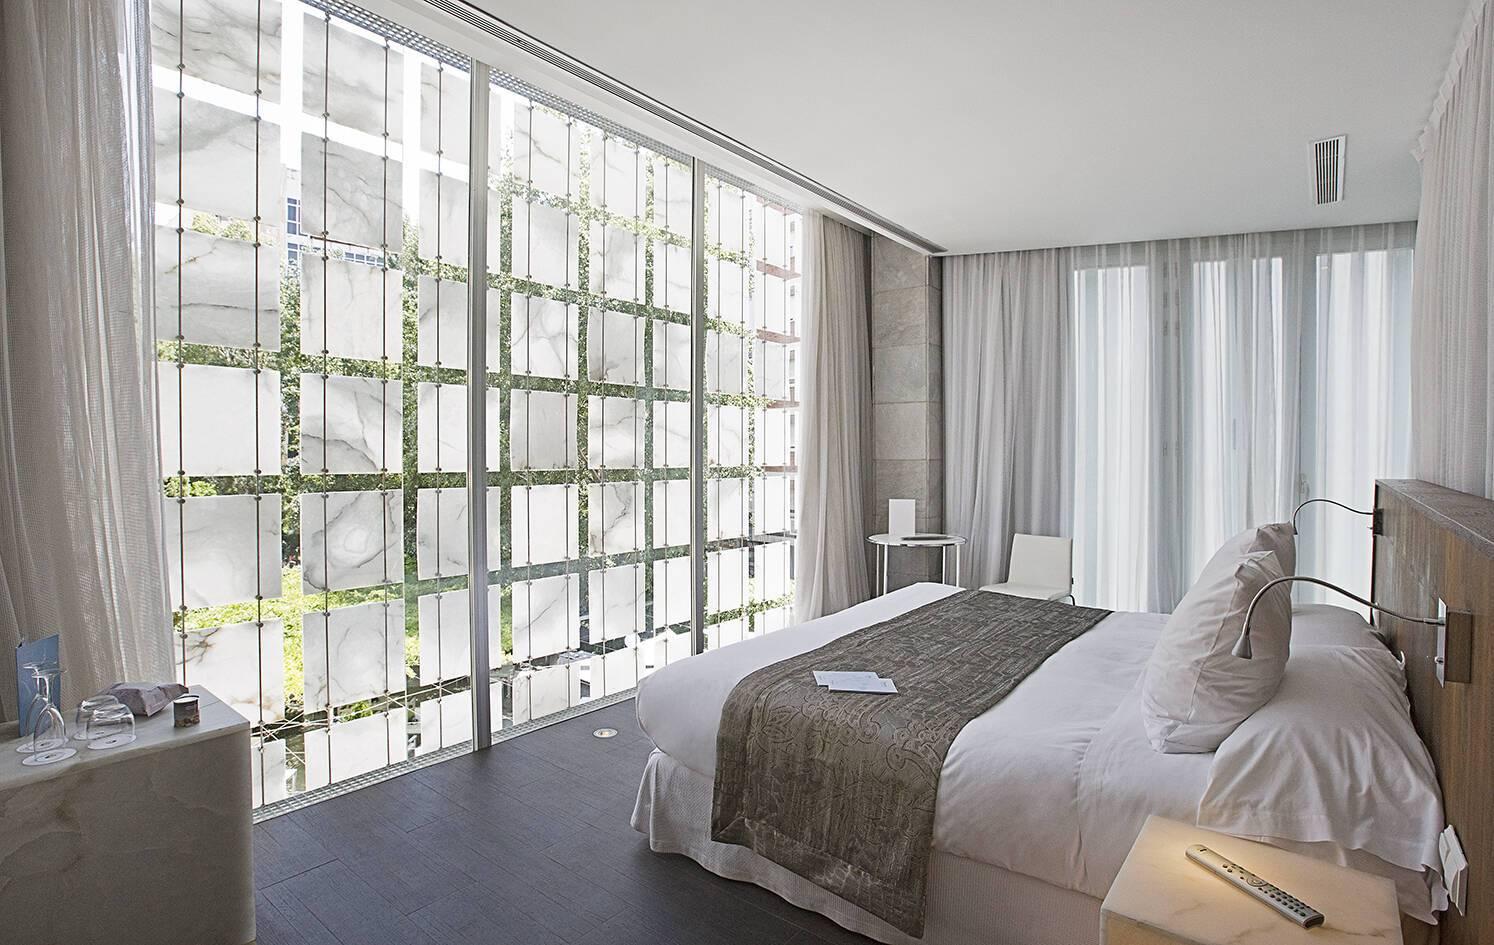 Hotel Hospes Palacio Patos Grenade Alabatro